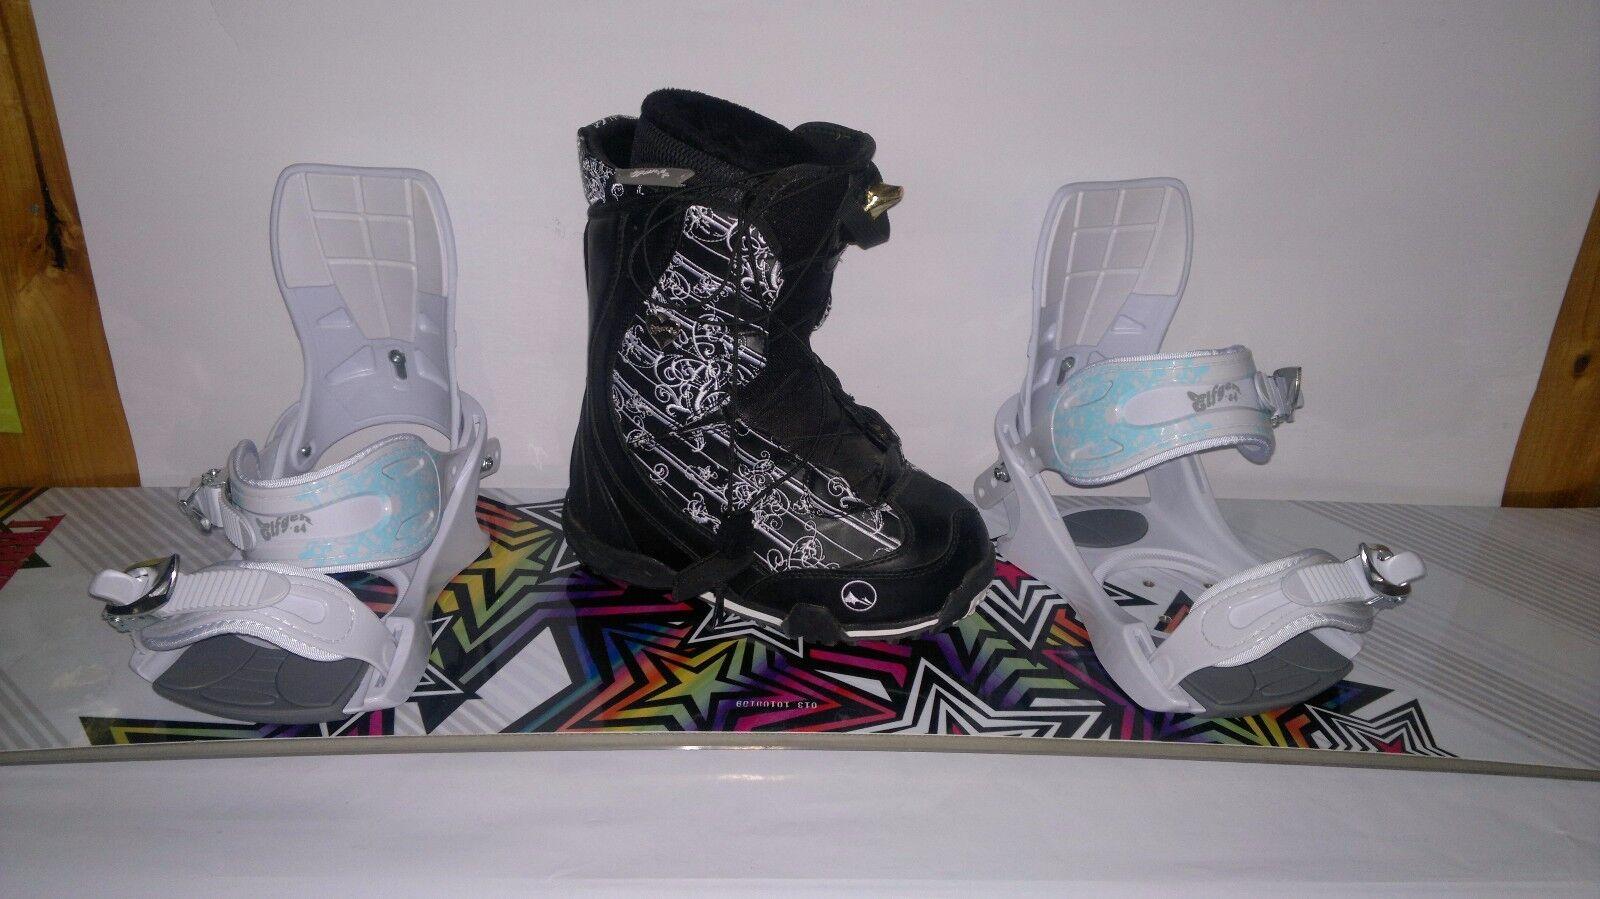 Trans Snowboard auch als Set mit Schuh, Bindung und Tasche, auch für Kinder